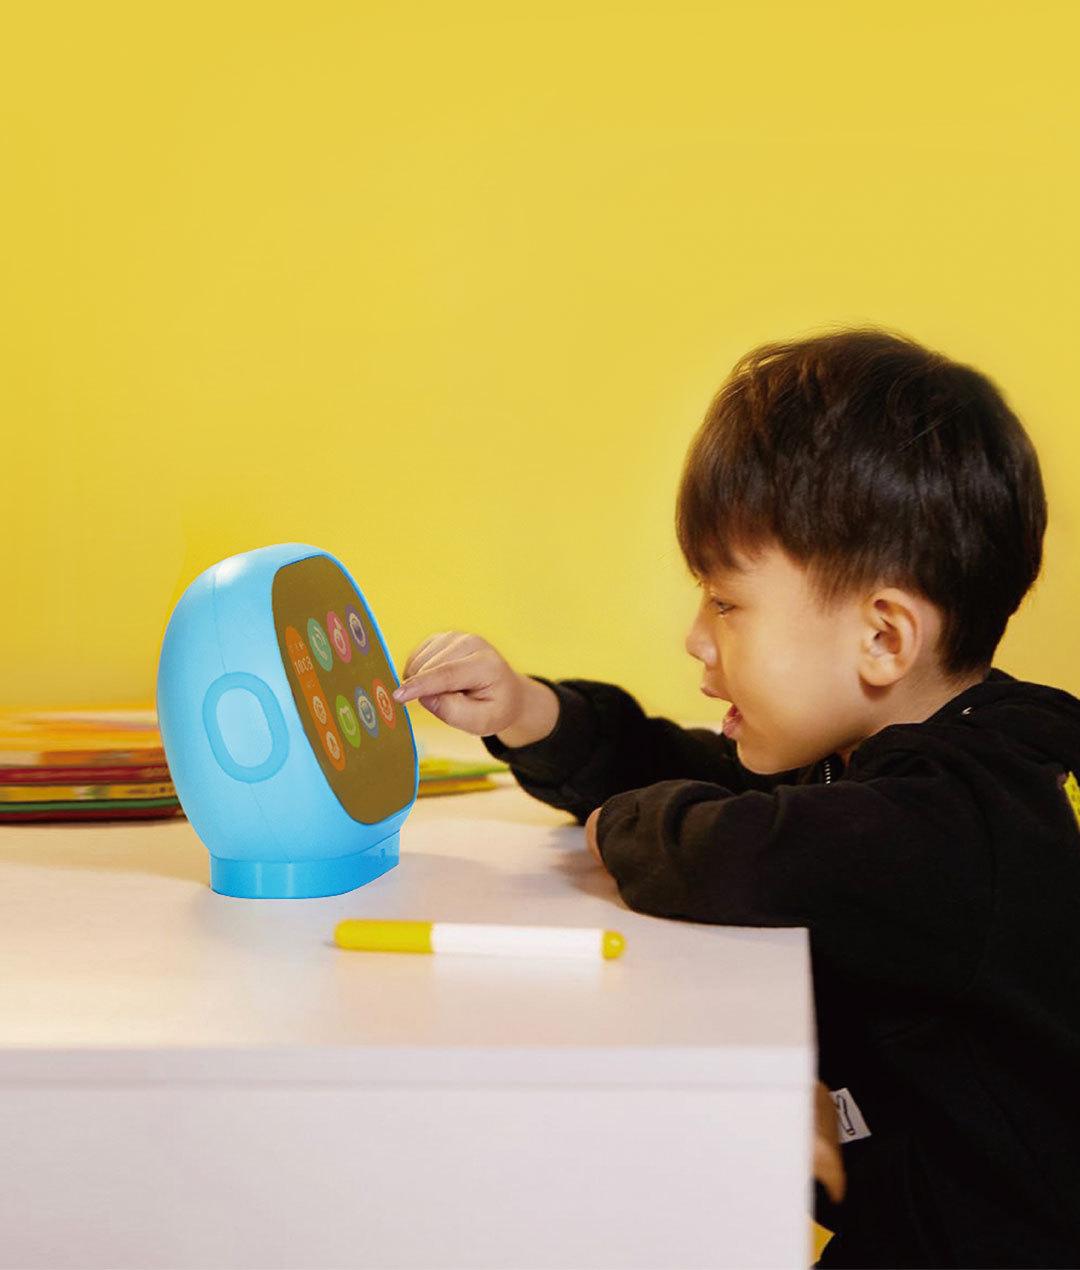 مینی کامپیوتر کودکان شیائومی